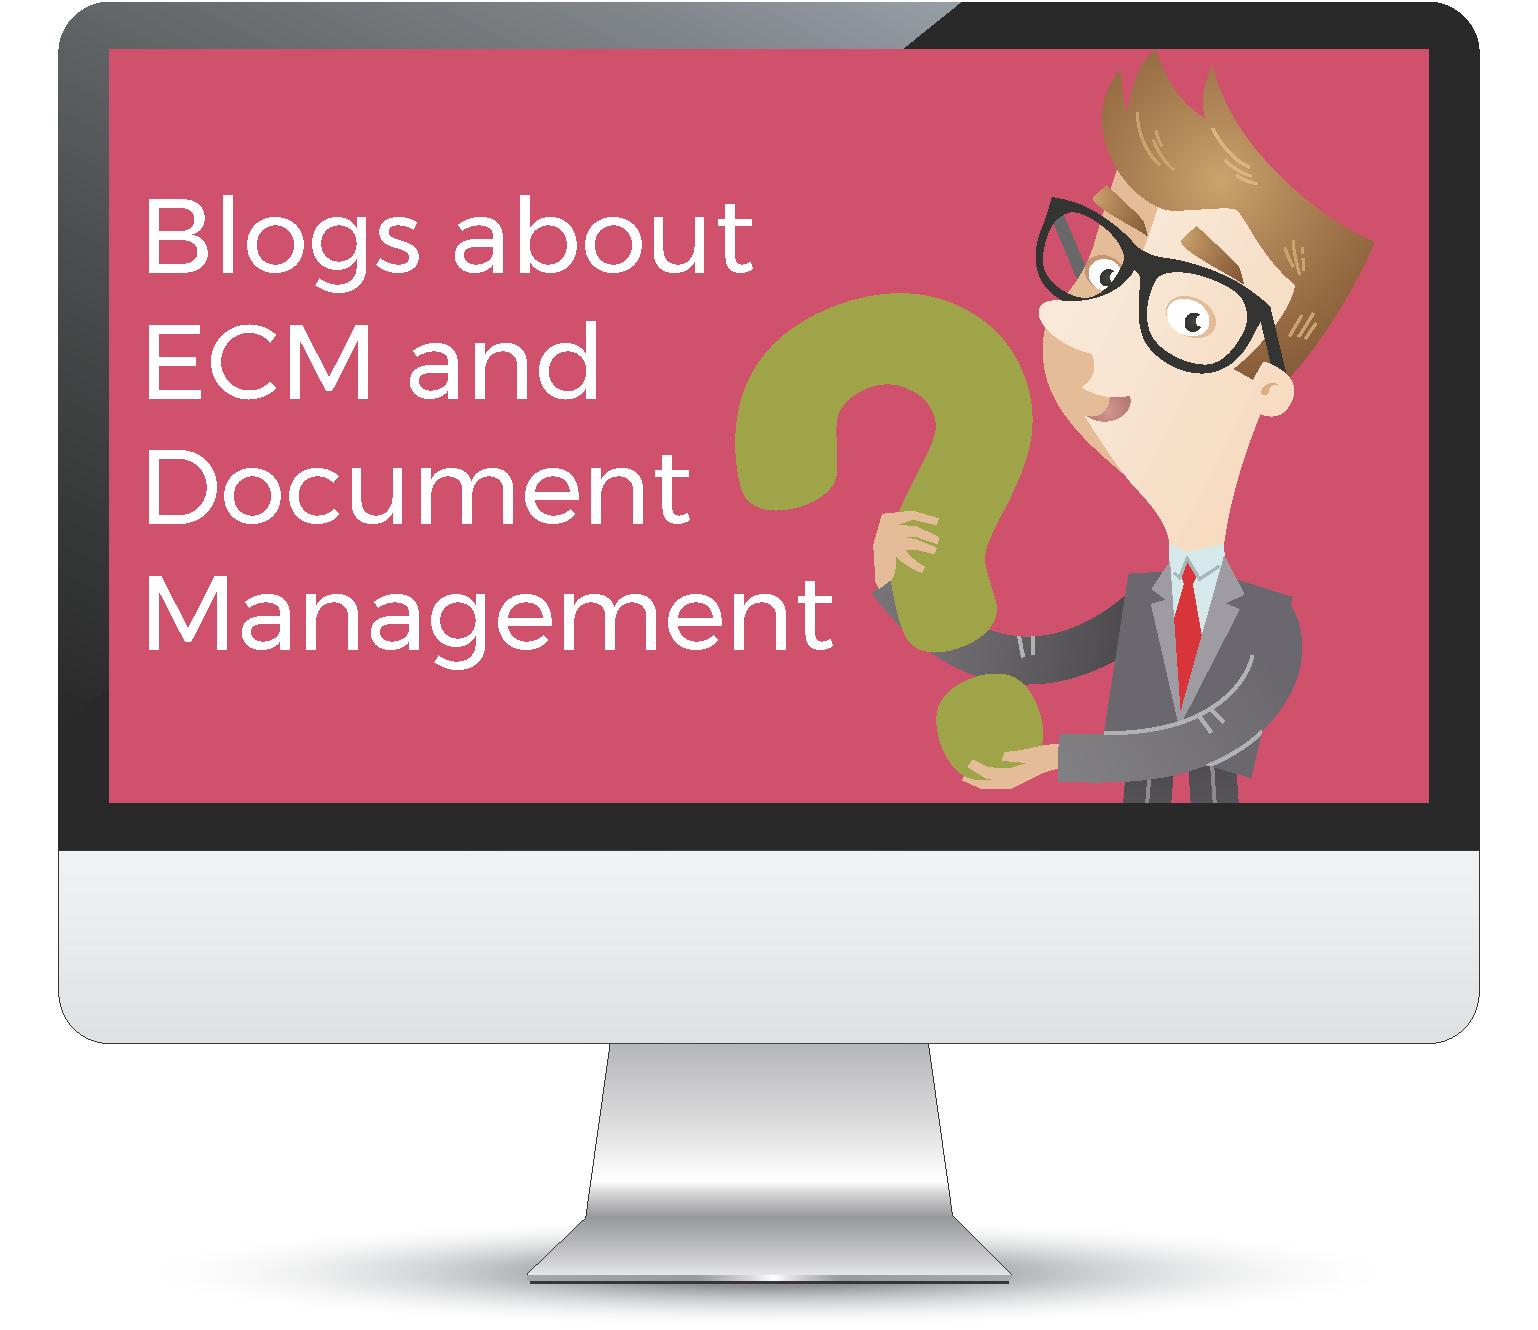 Blogs about document management